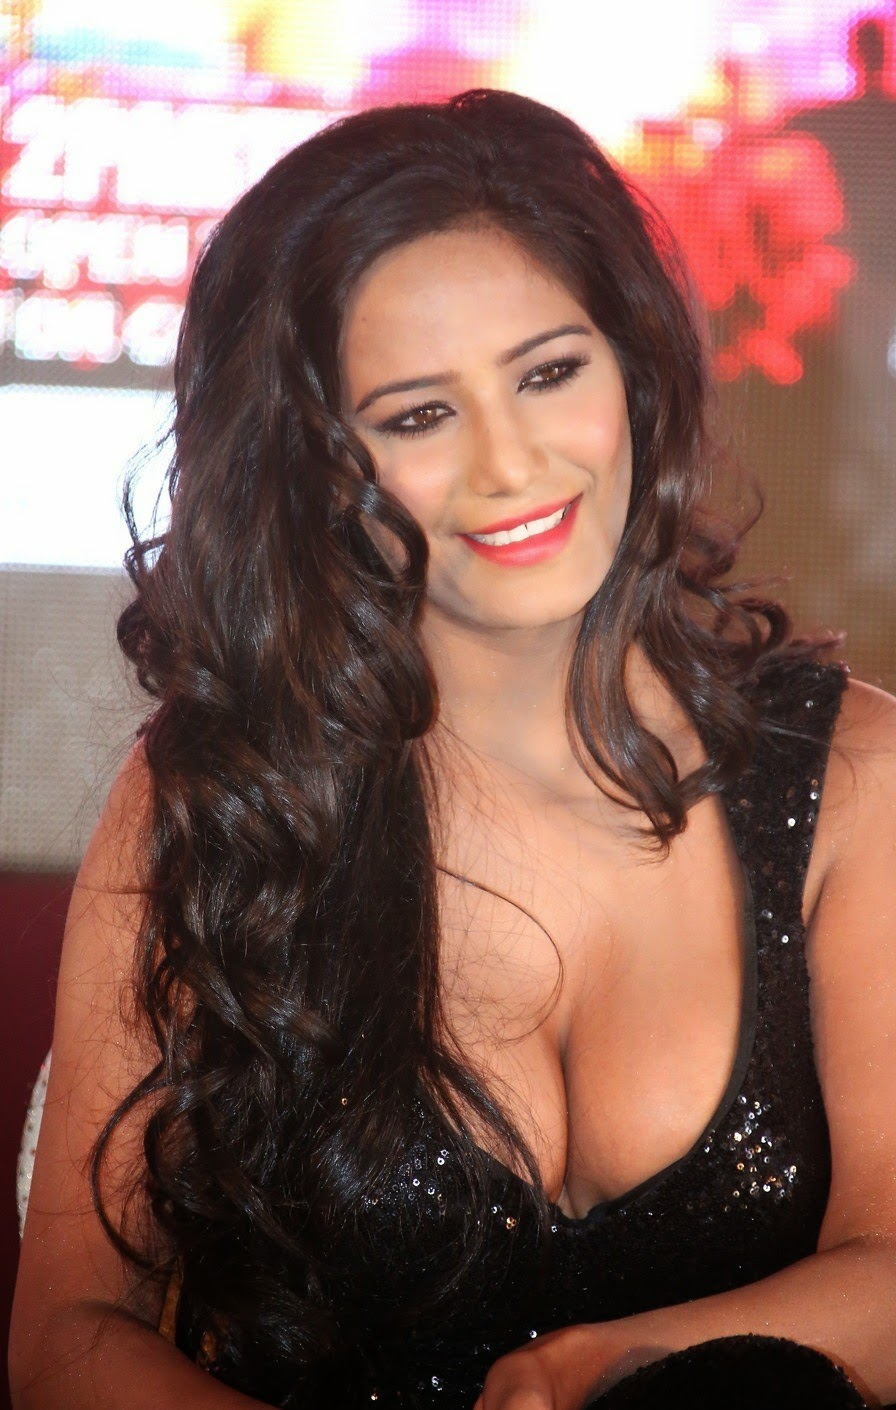 Poonam Pandey Latest Glamorous Hot Photos - AtozCineGallery